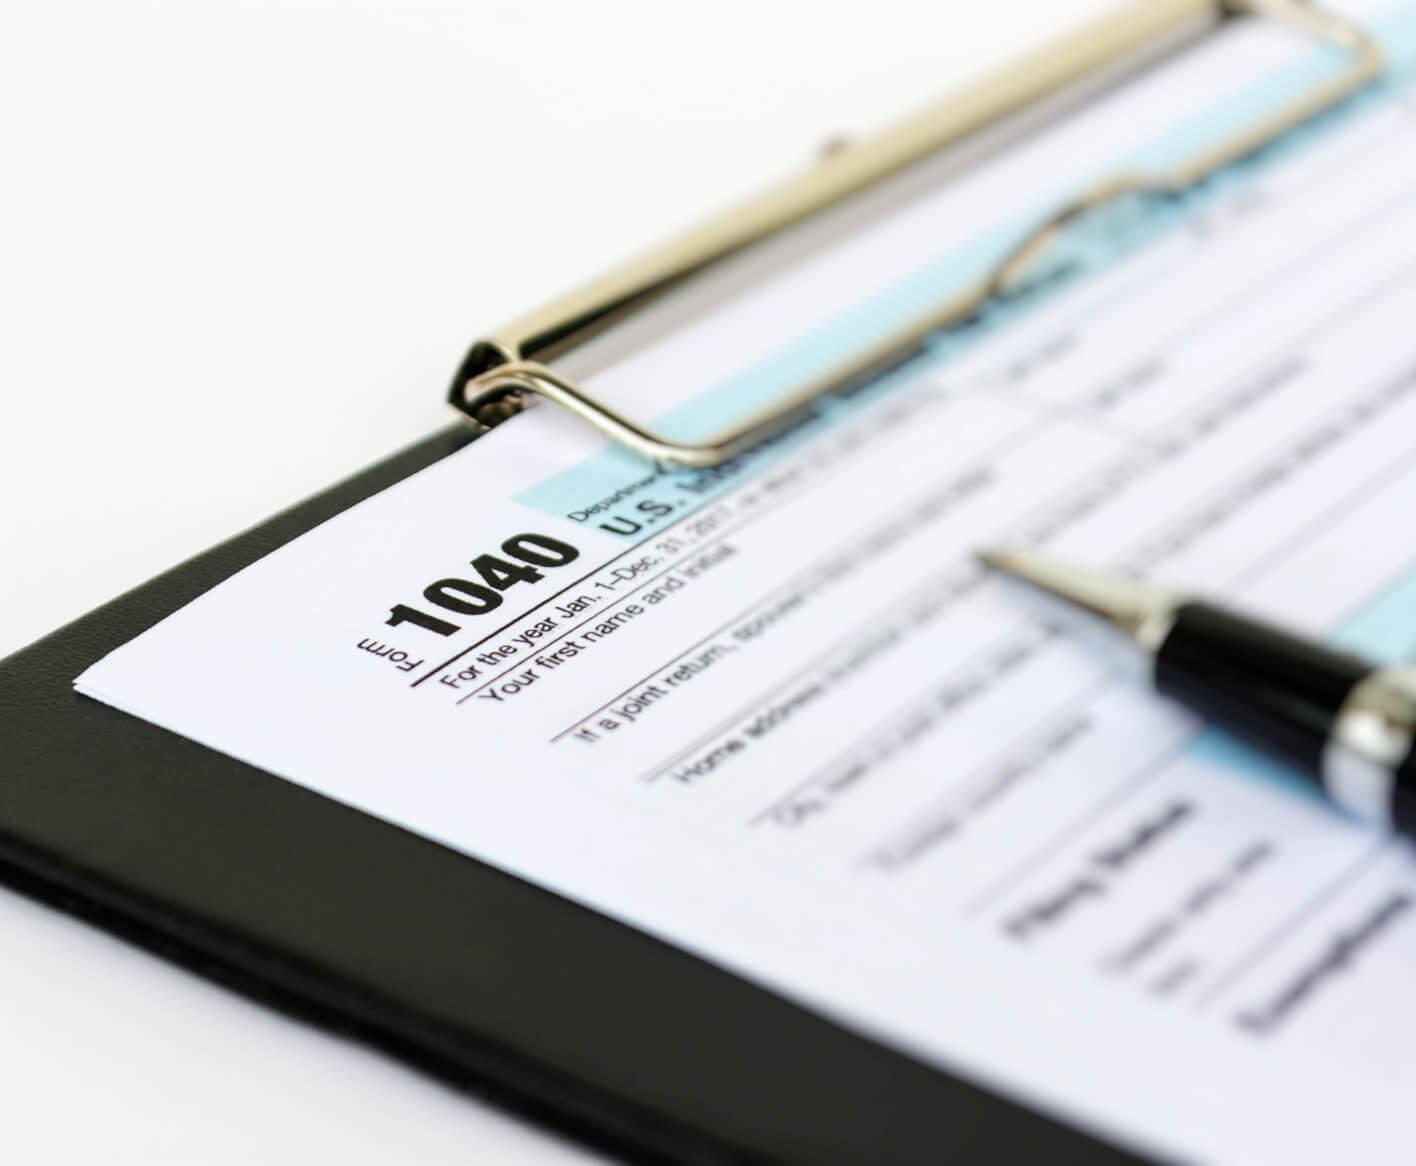 taxes-clipboard-pen